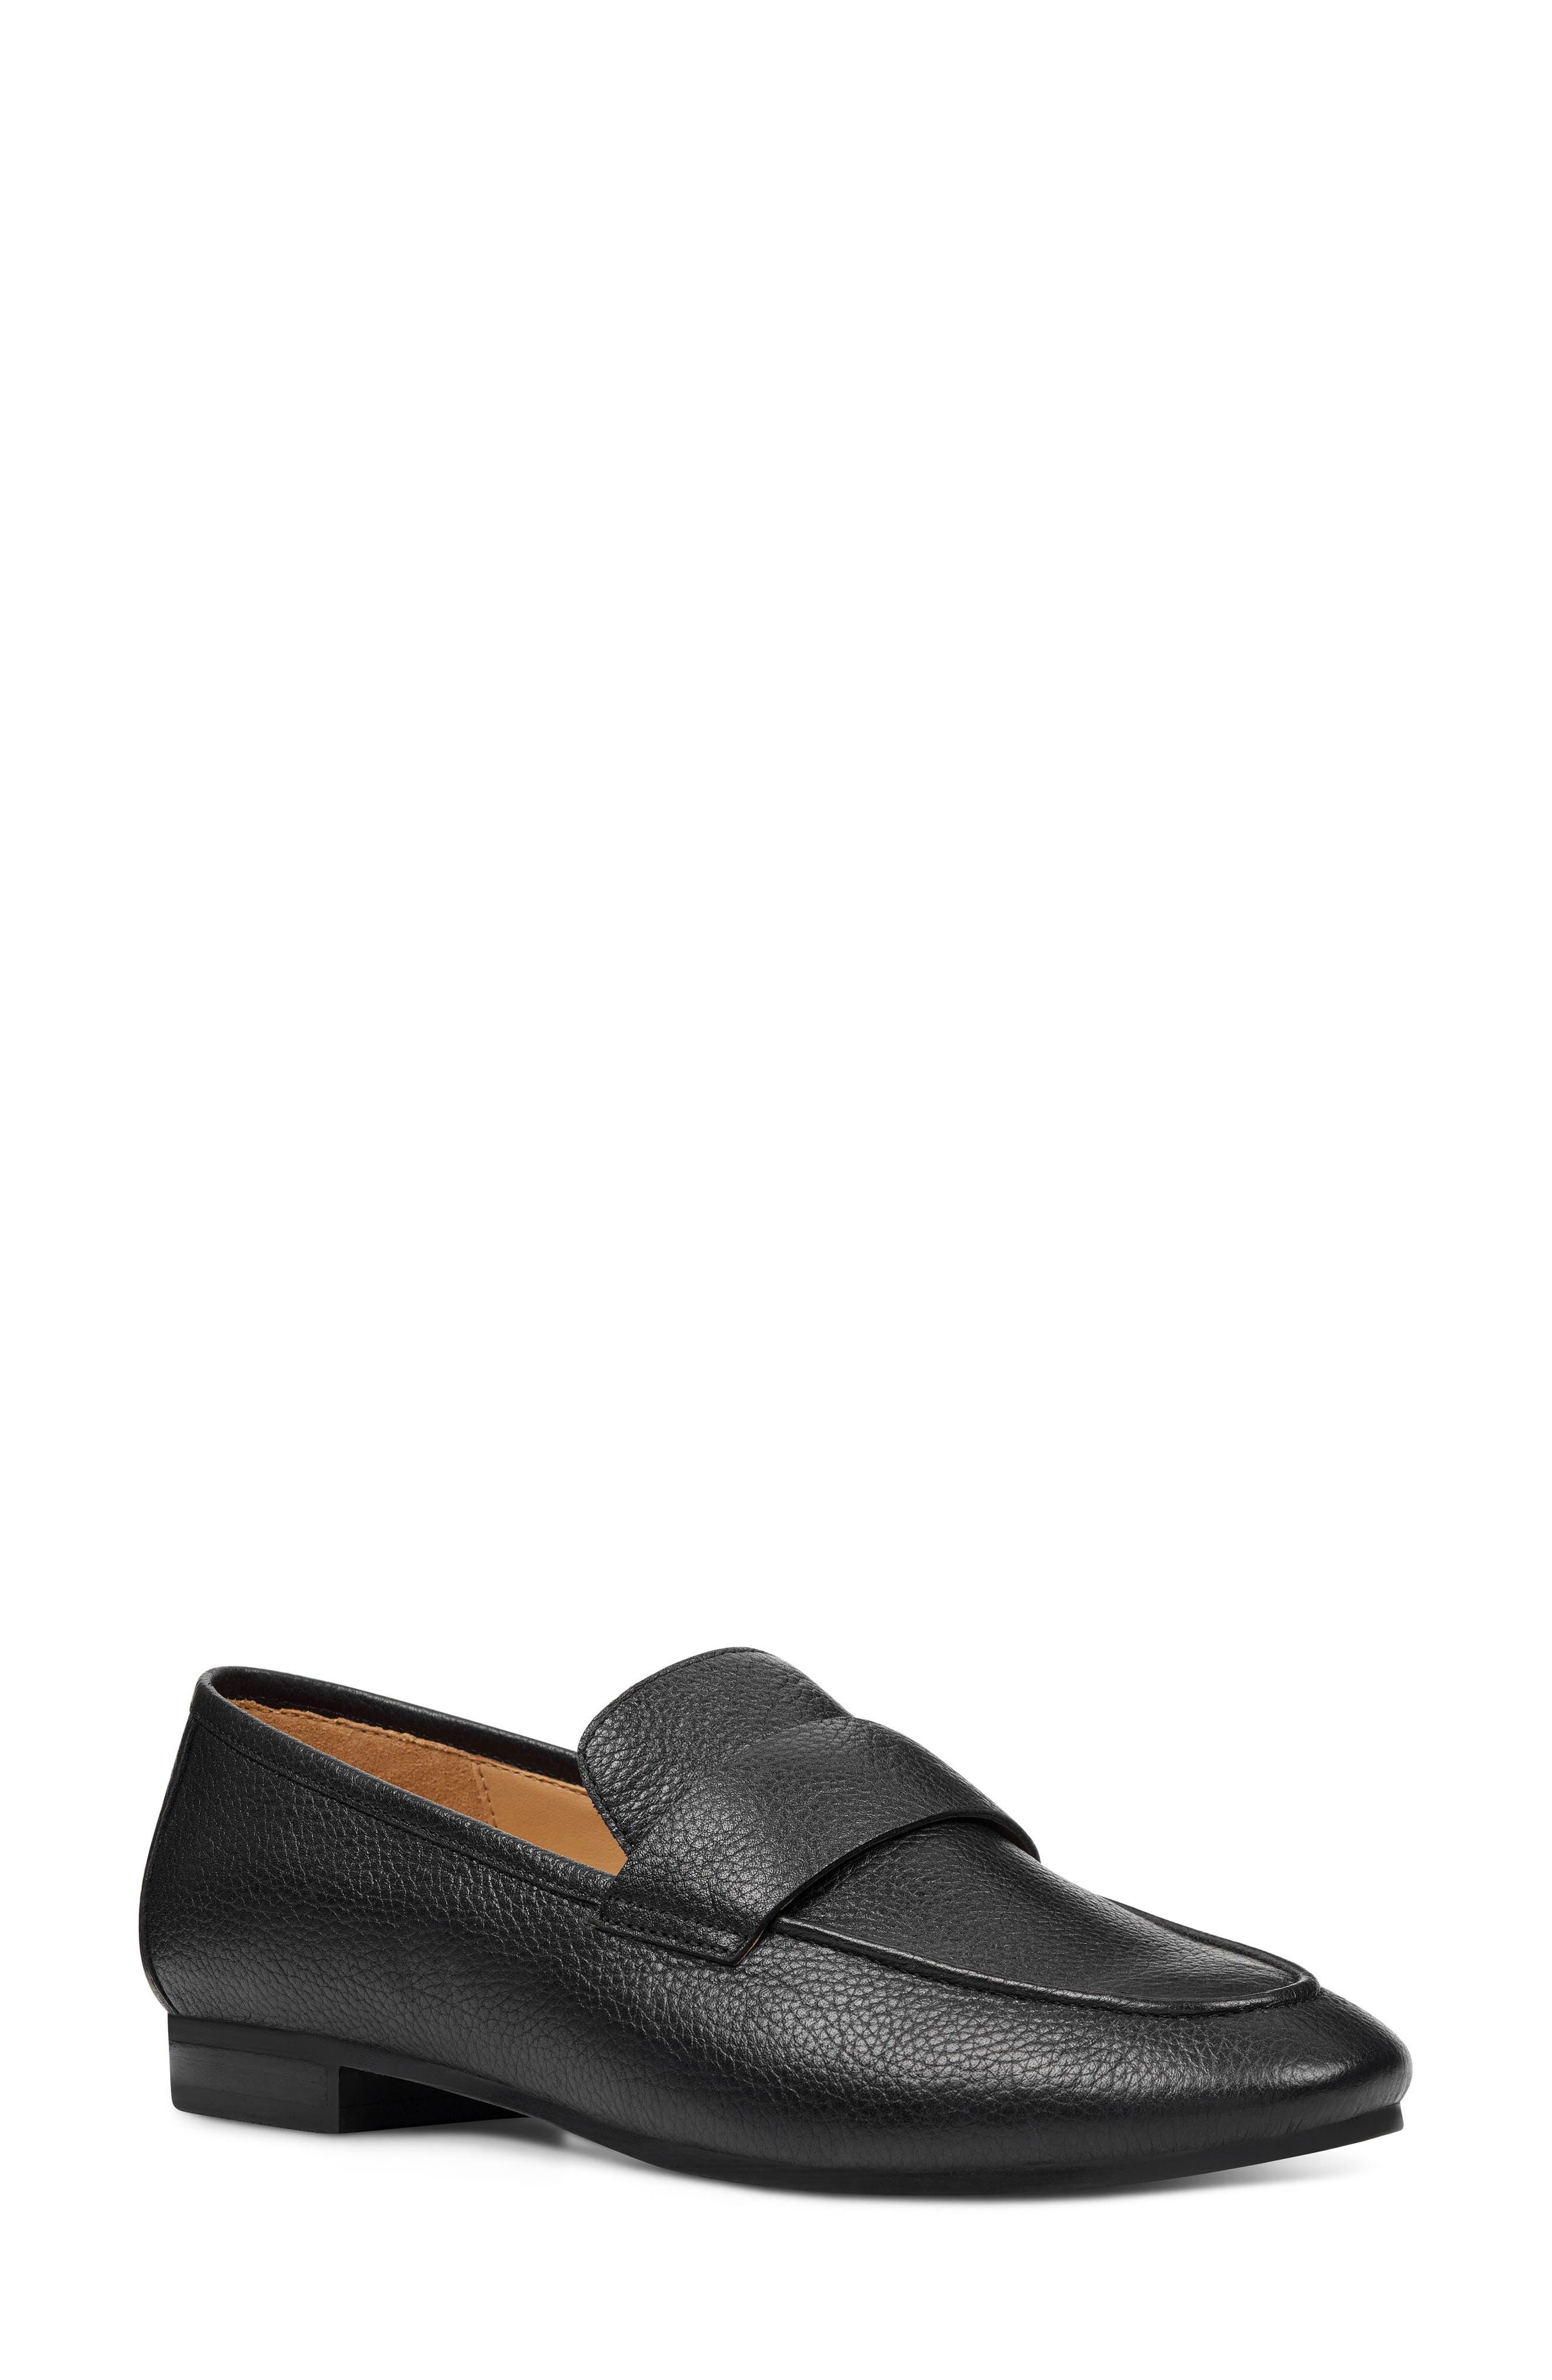 Nine West Admire Loafer- Black